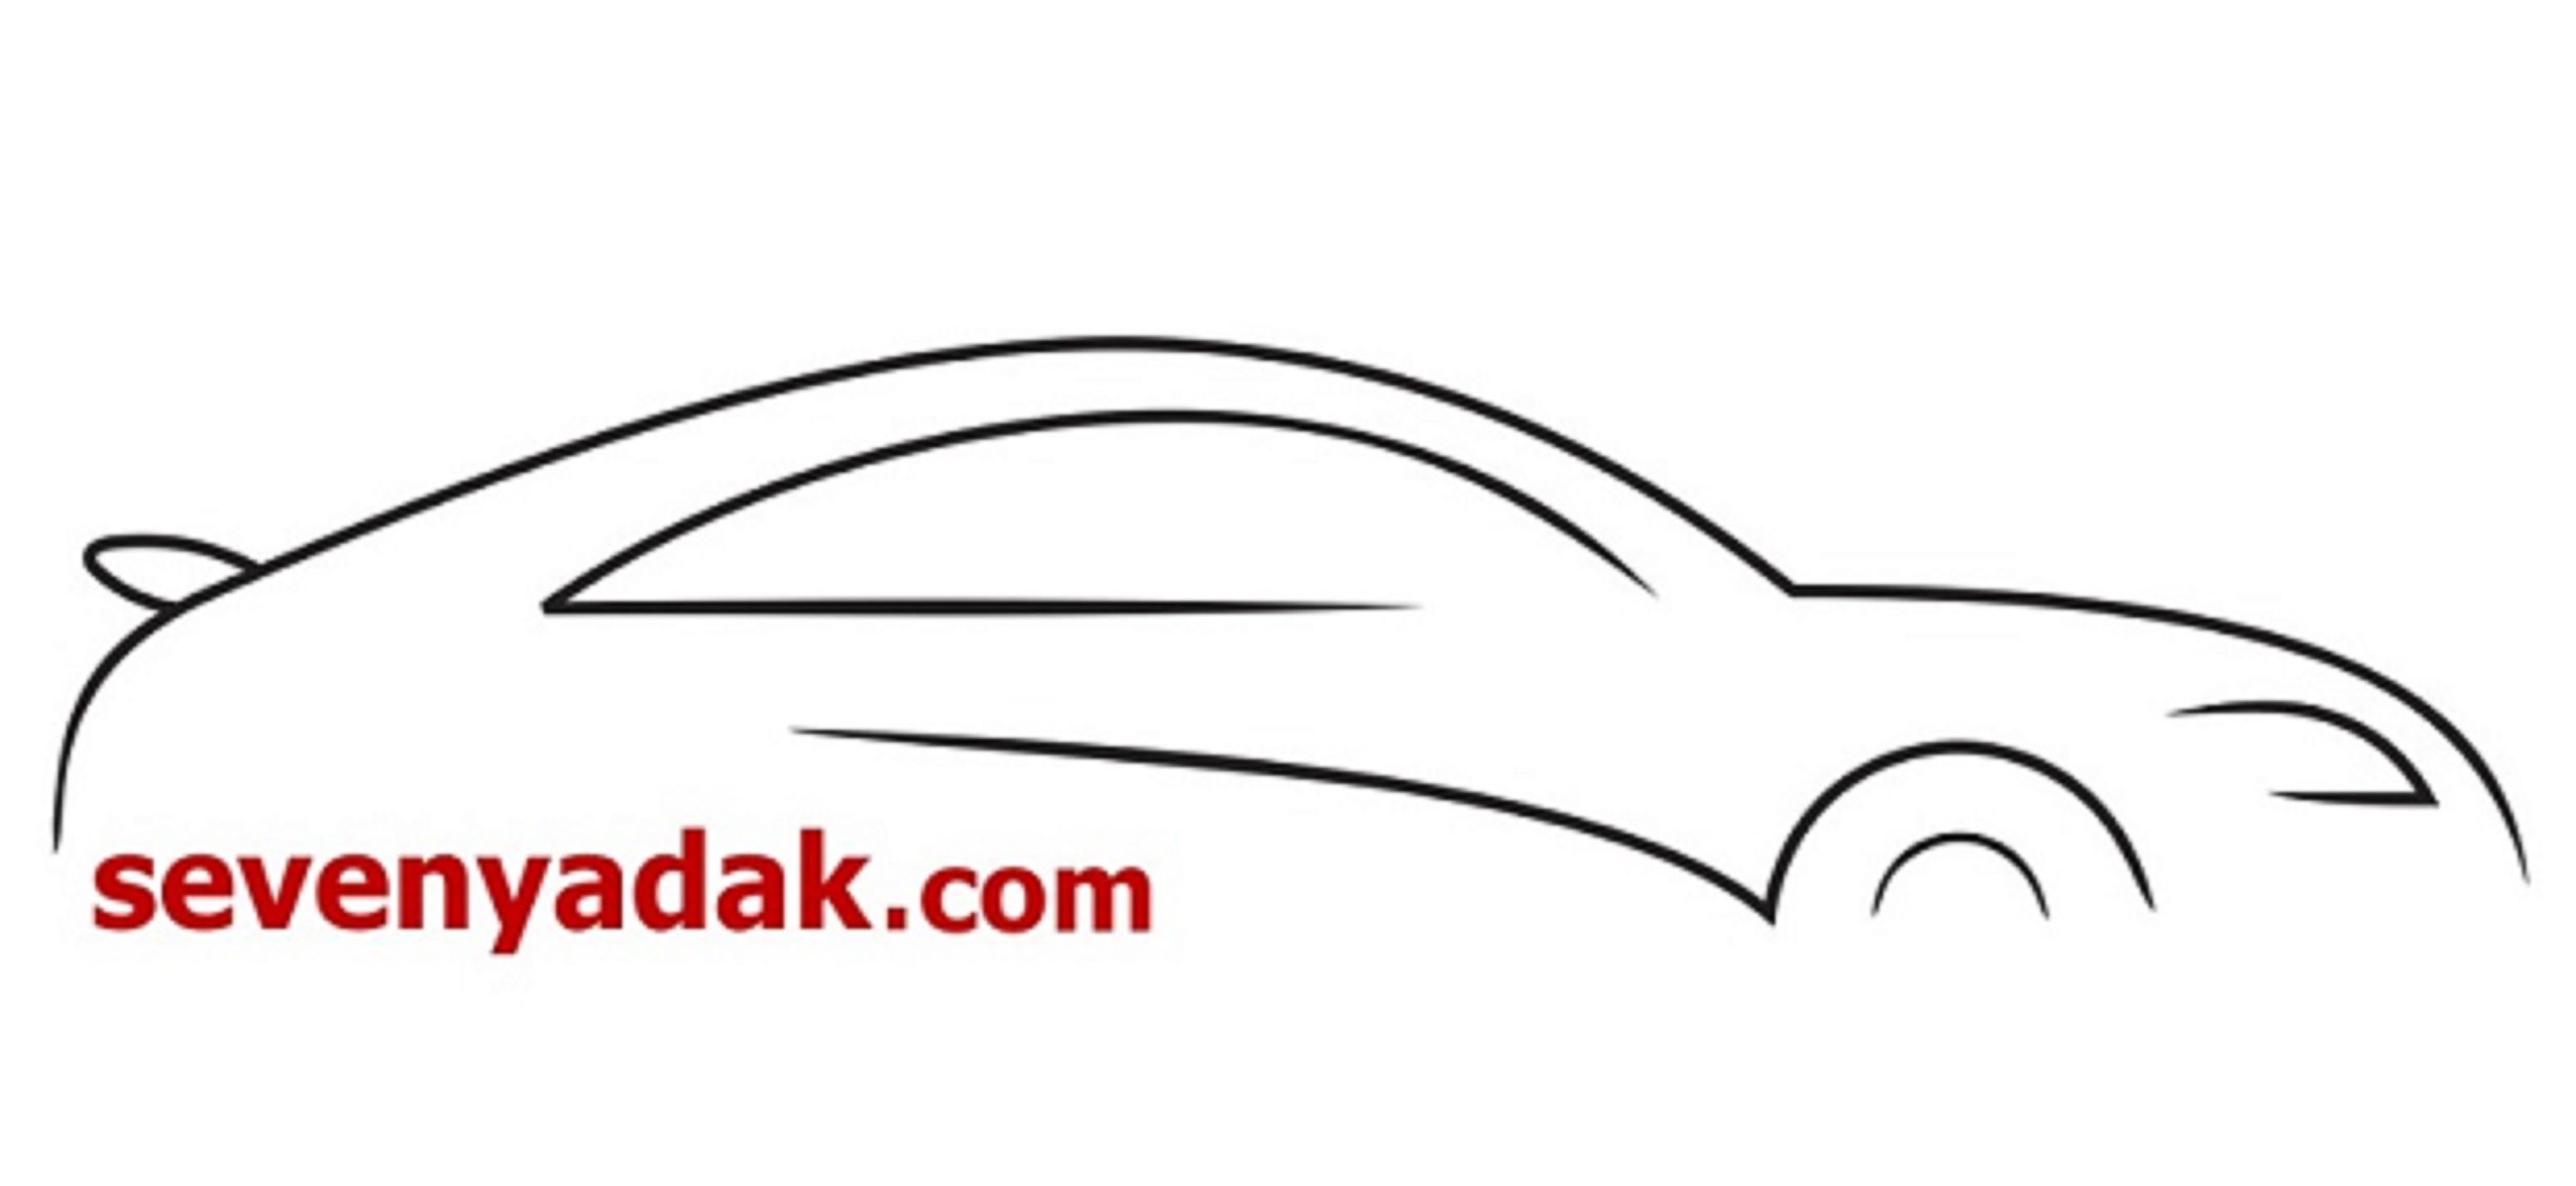 sevenyadak.com-خرید آسان و متفاوت